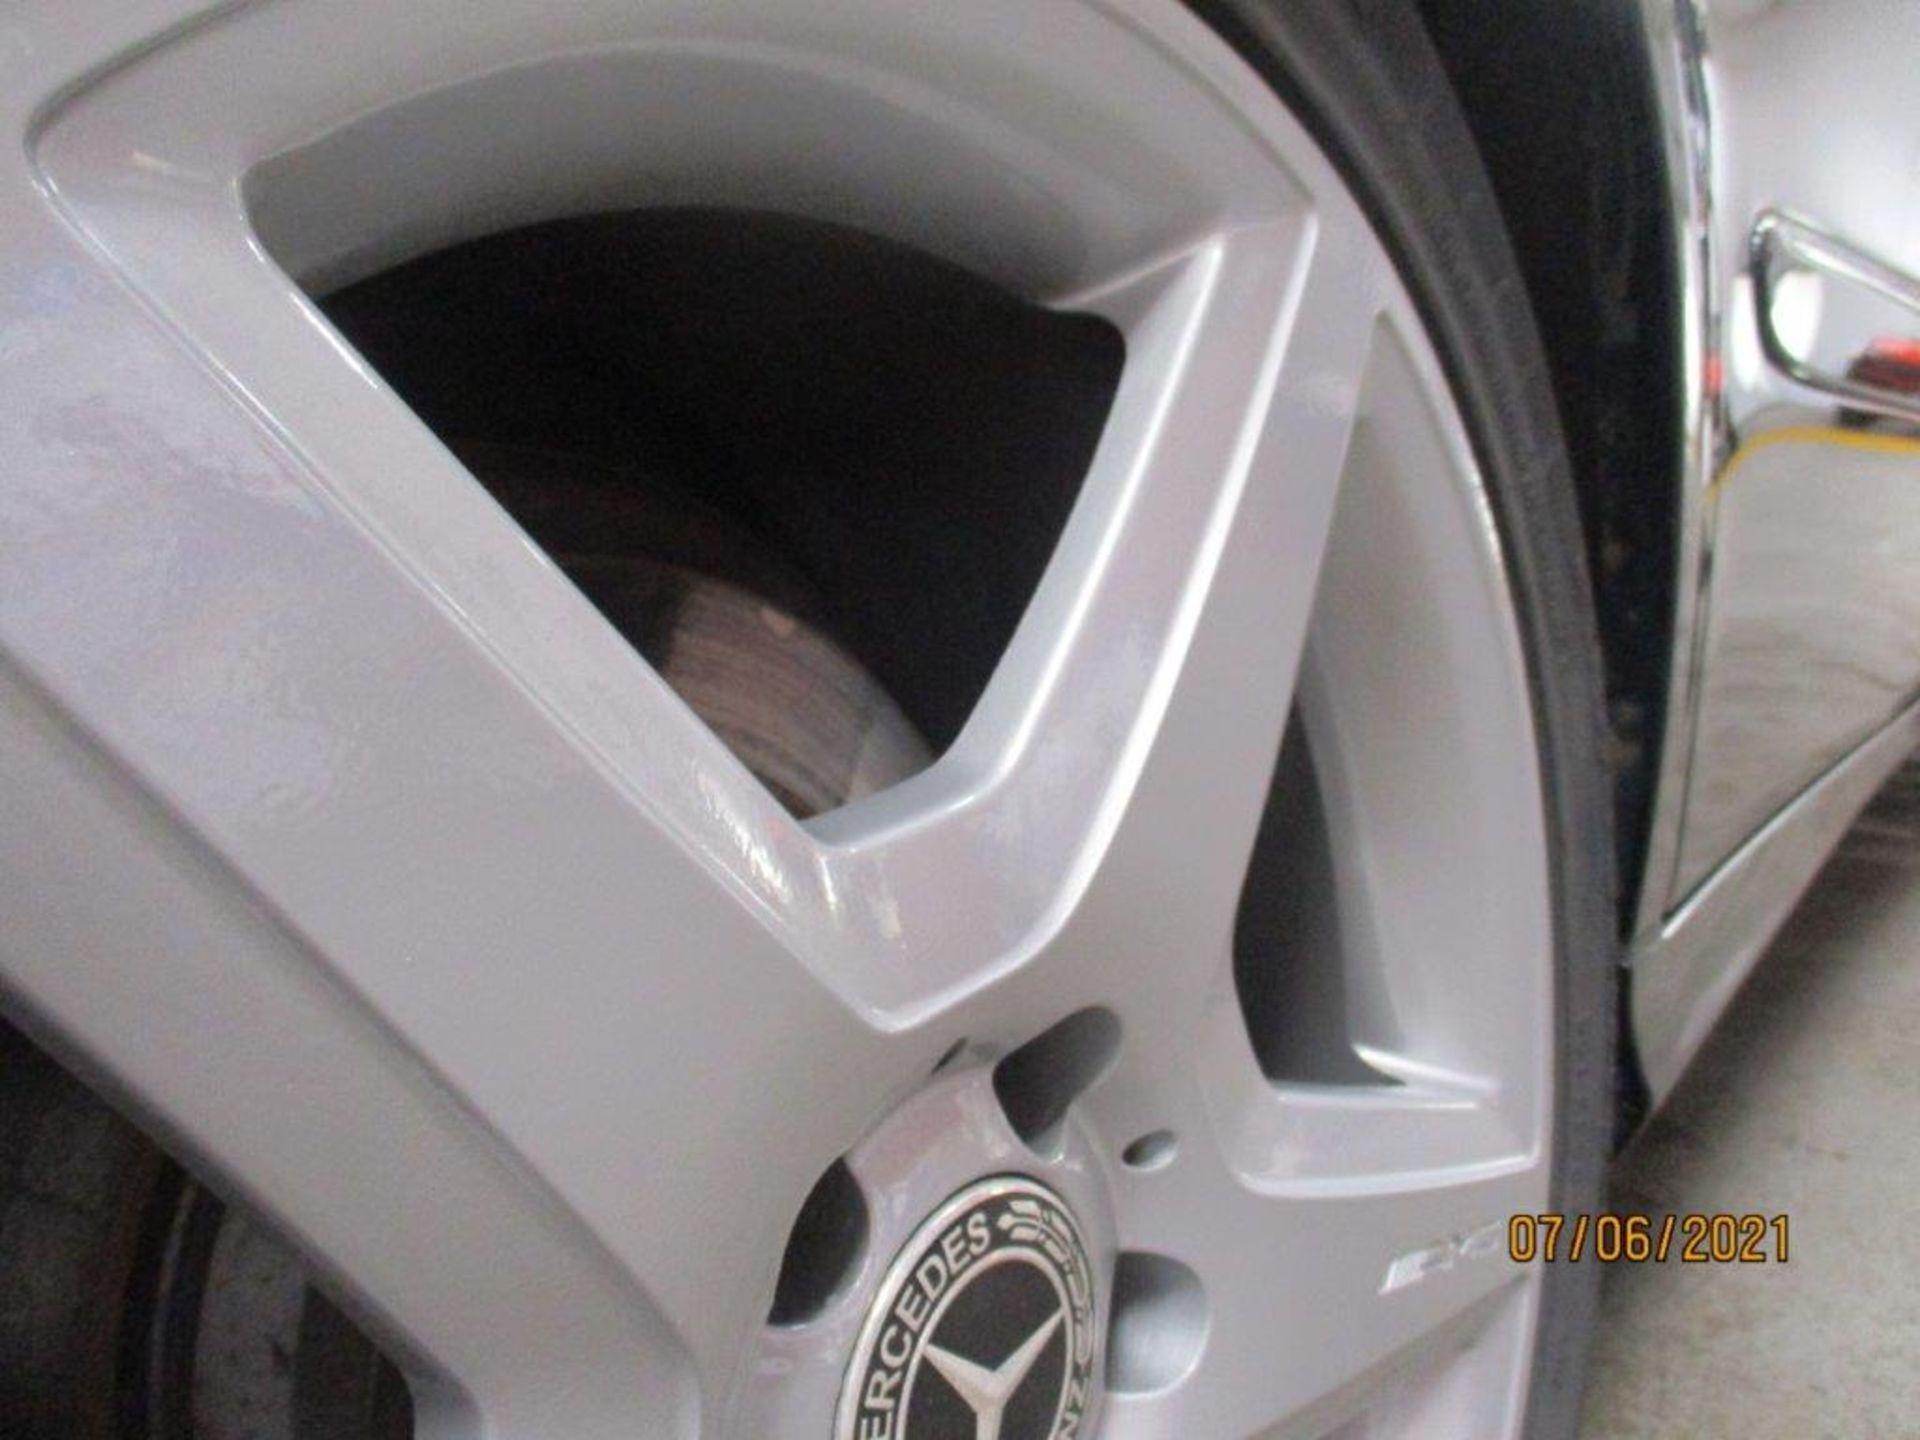 55 05 Mercedes E320 CDI Avantagarde - Image 12 of 19